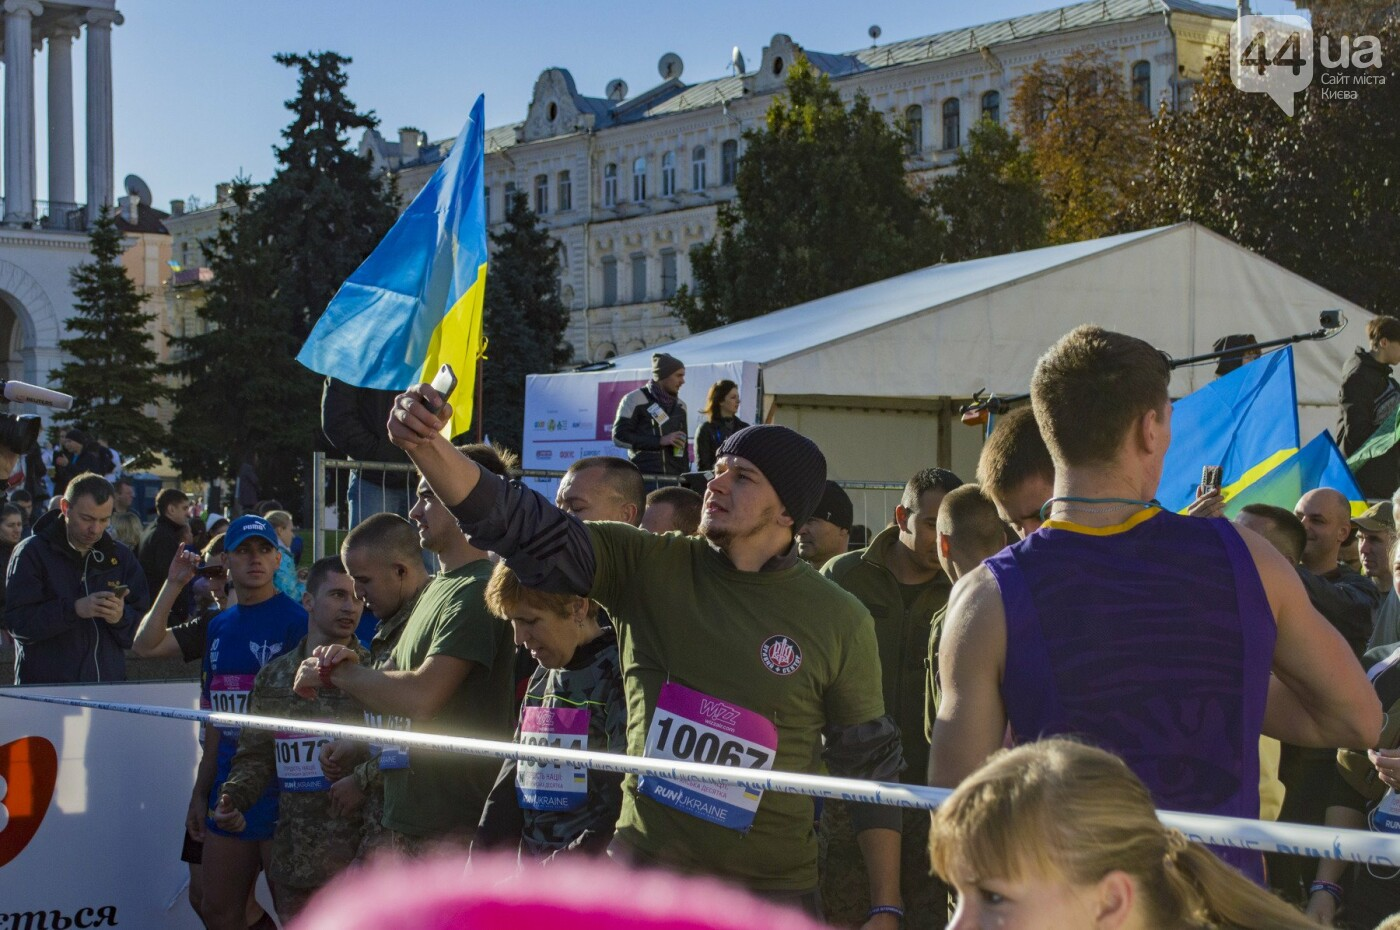 В центре Киева тысячи семей, детей и воинов АТО пробежали марафон, - ФОТОРЕПОРТАЖ, фото-11